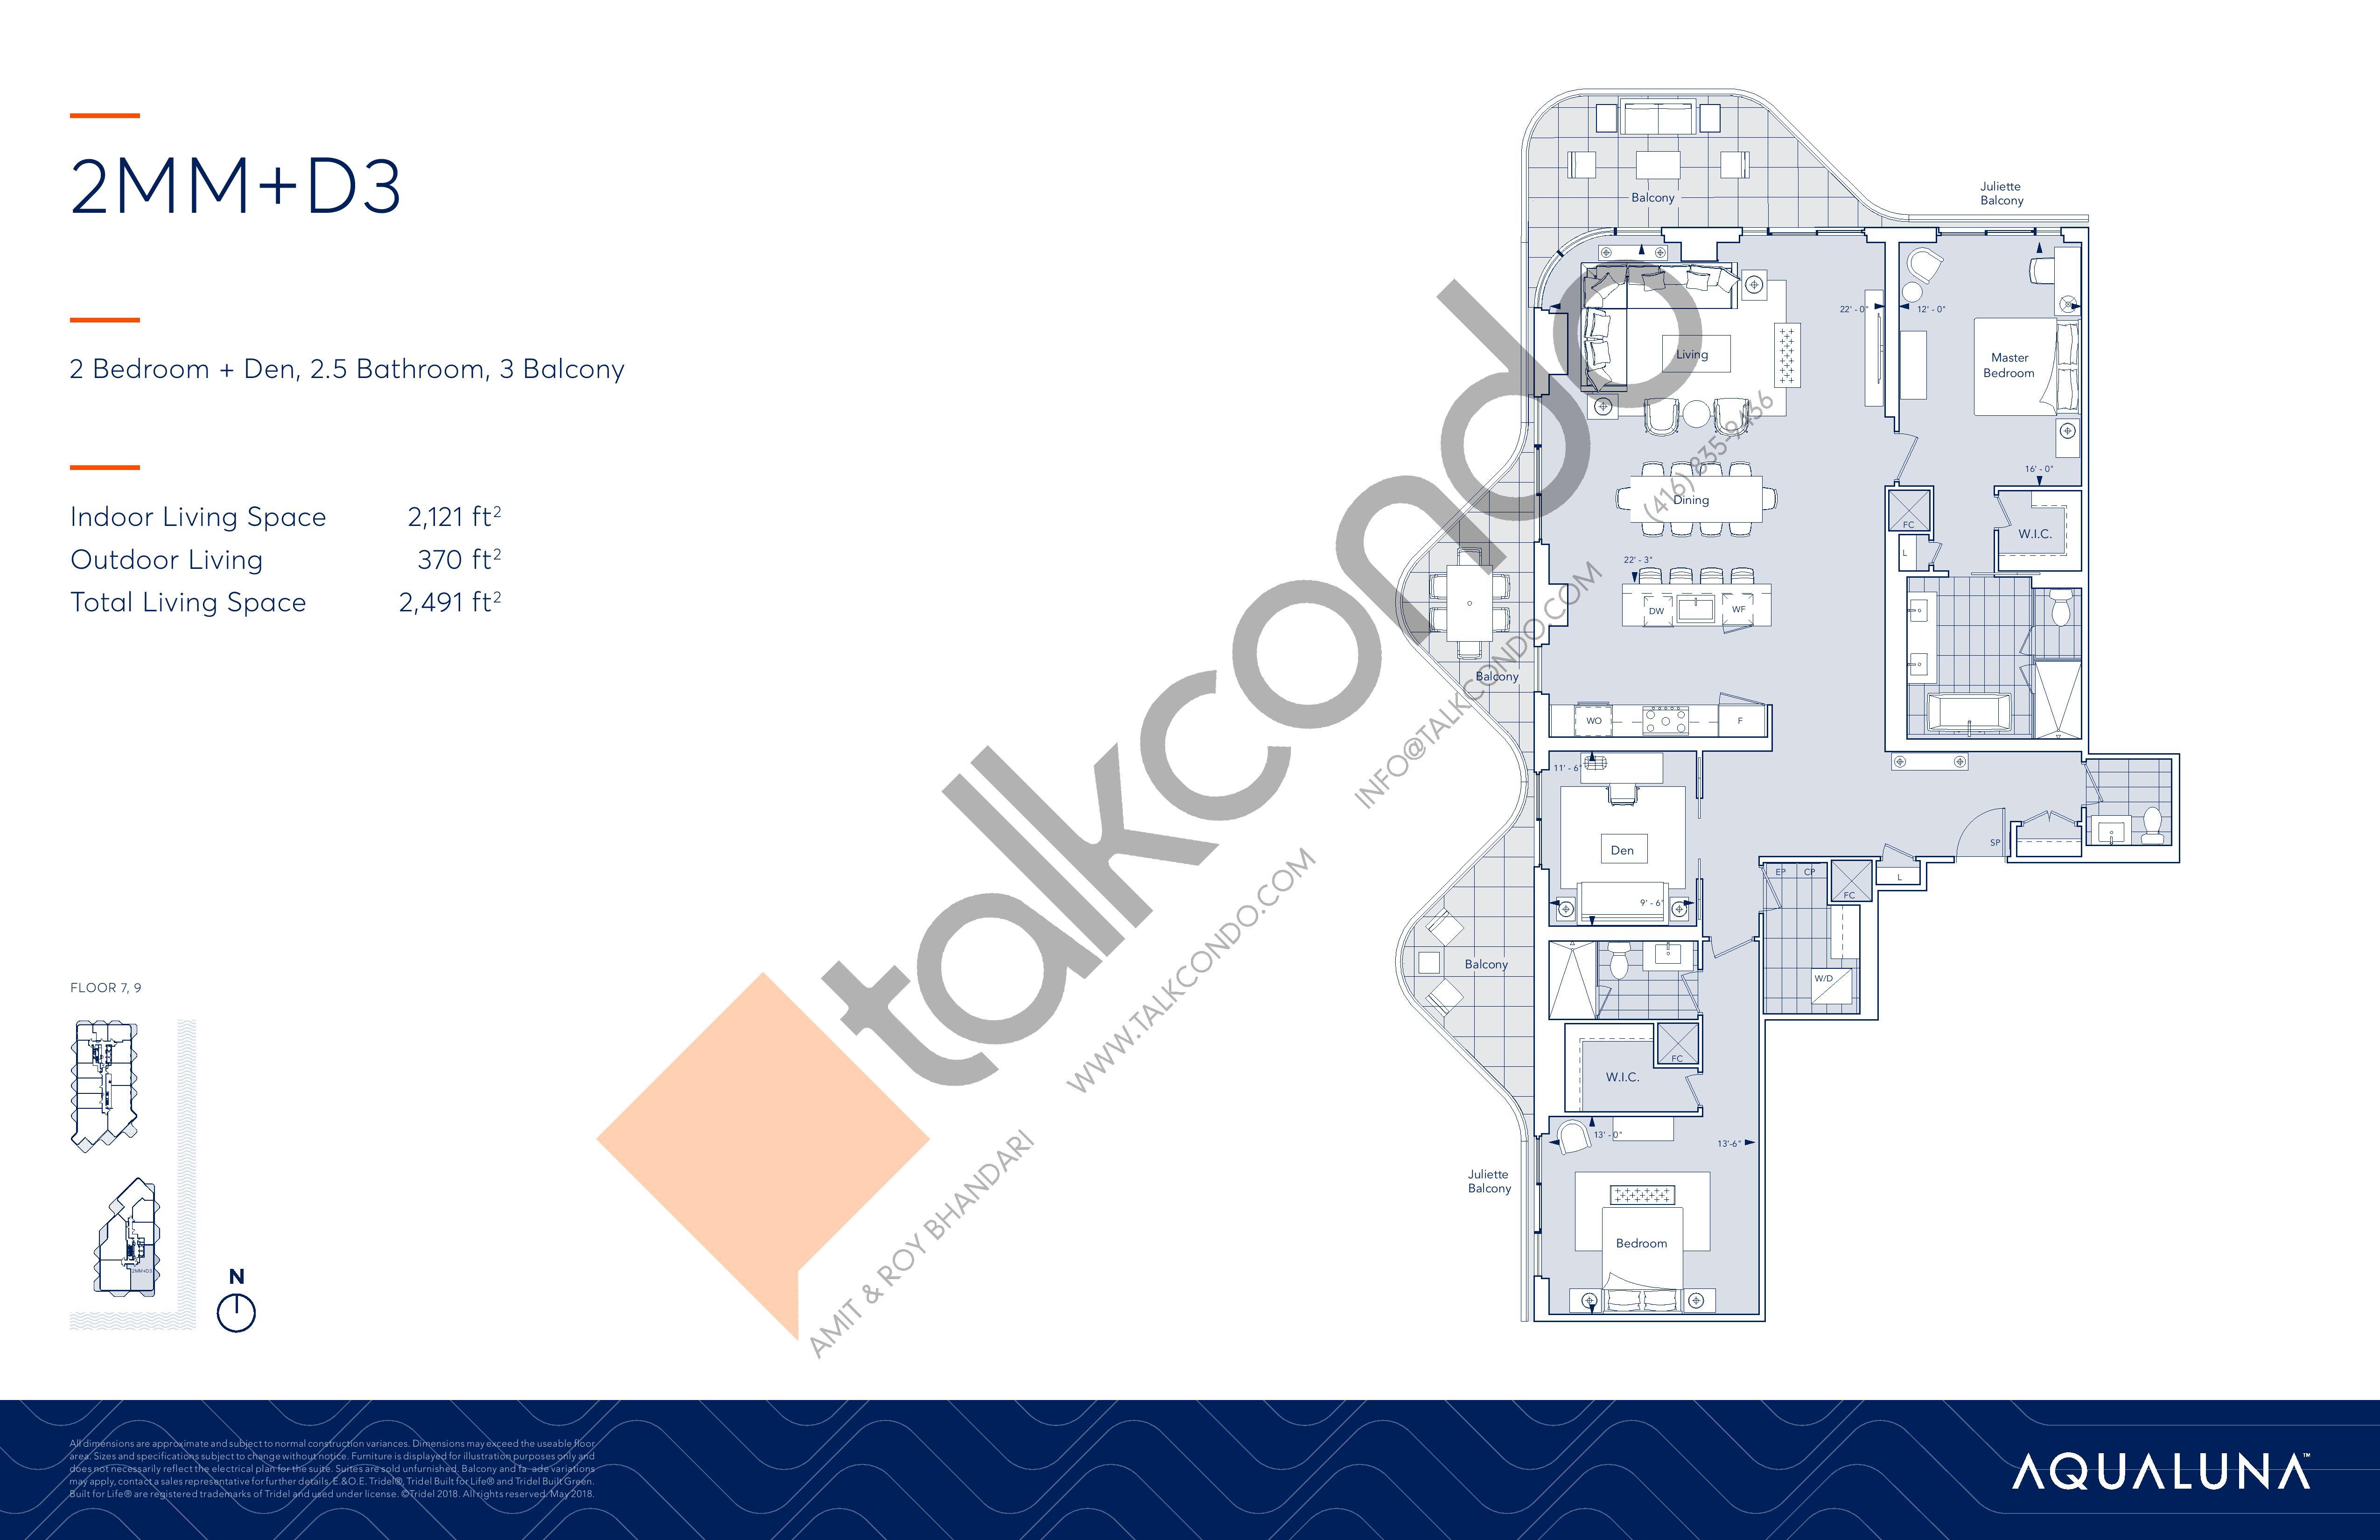 2MM+D3 Floor Plan at Aqualuna at Bayside Condos - 2121 sq.ft